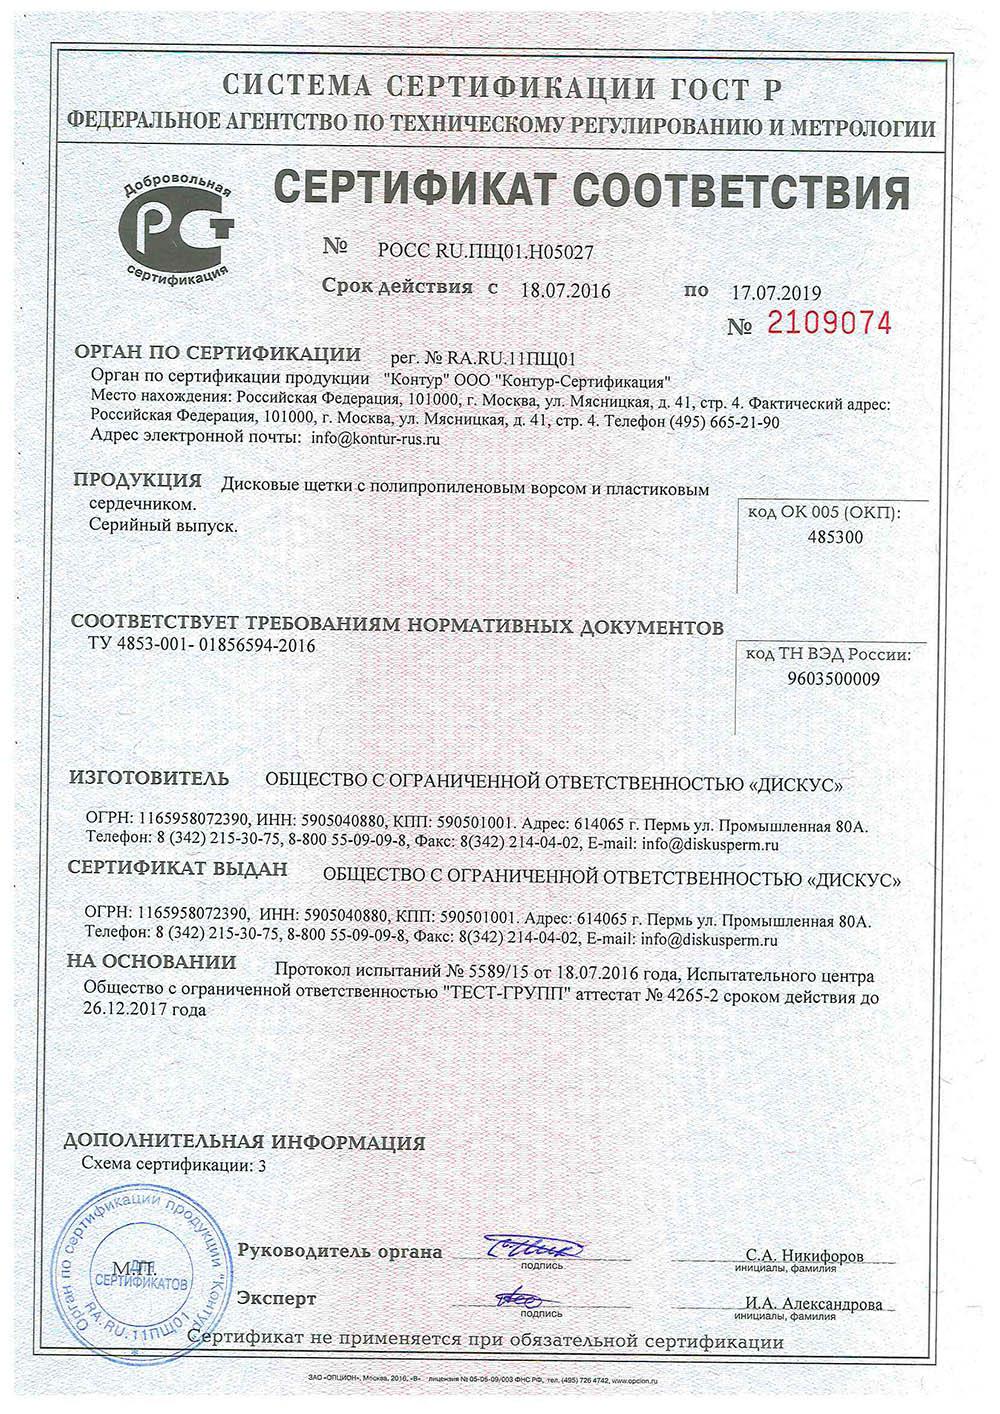 Сертификат соответствия на дисковые щетки с полипропиленовым ворсом и пластиковым сердечником